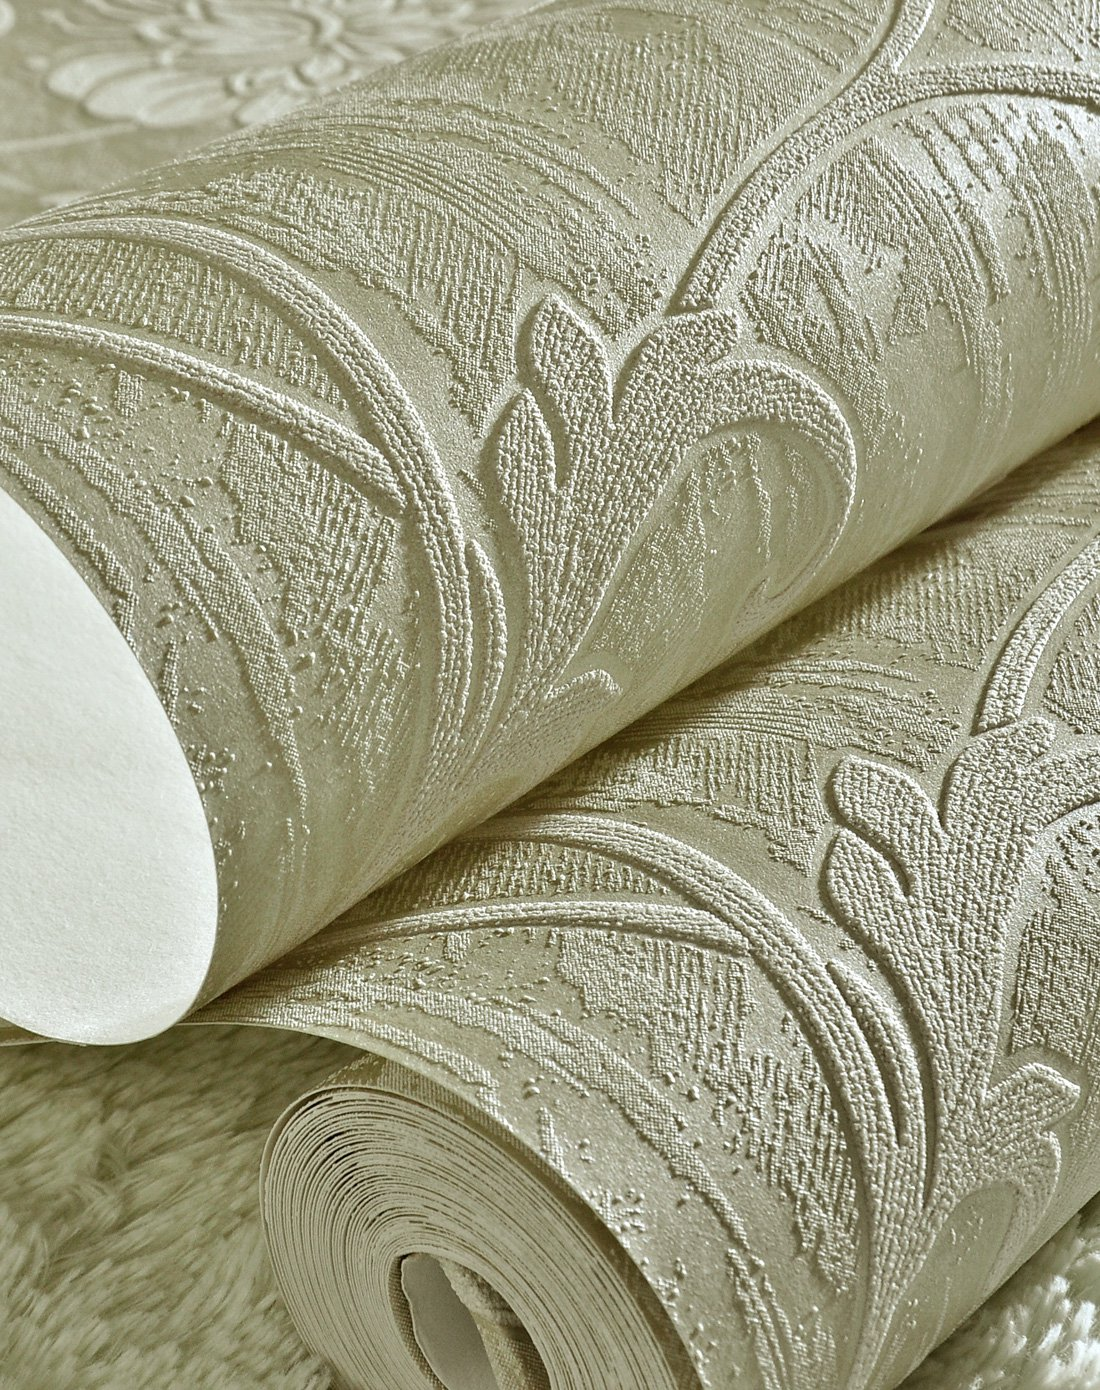 纸尚美学墙纸专场欧式简约风格立体浮雕3d壁纸3d2206